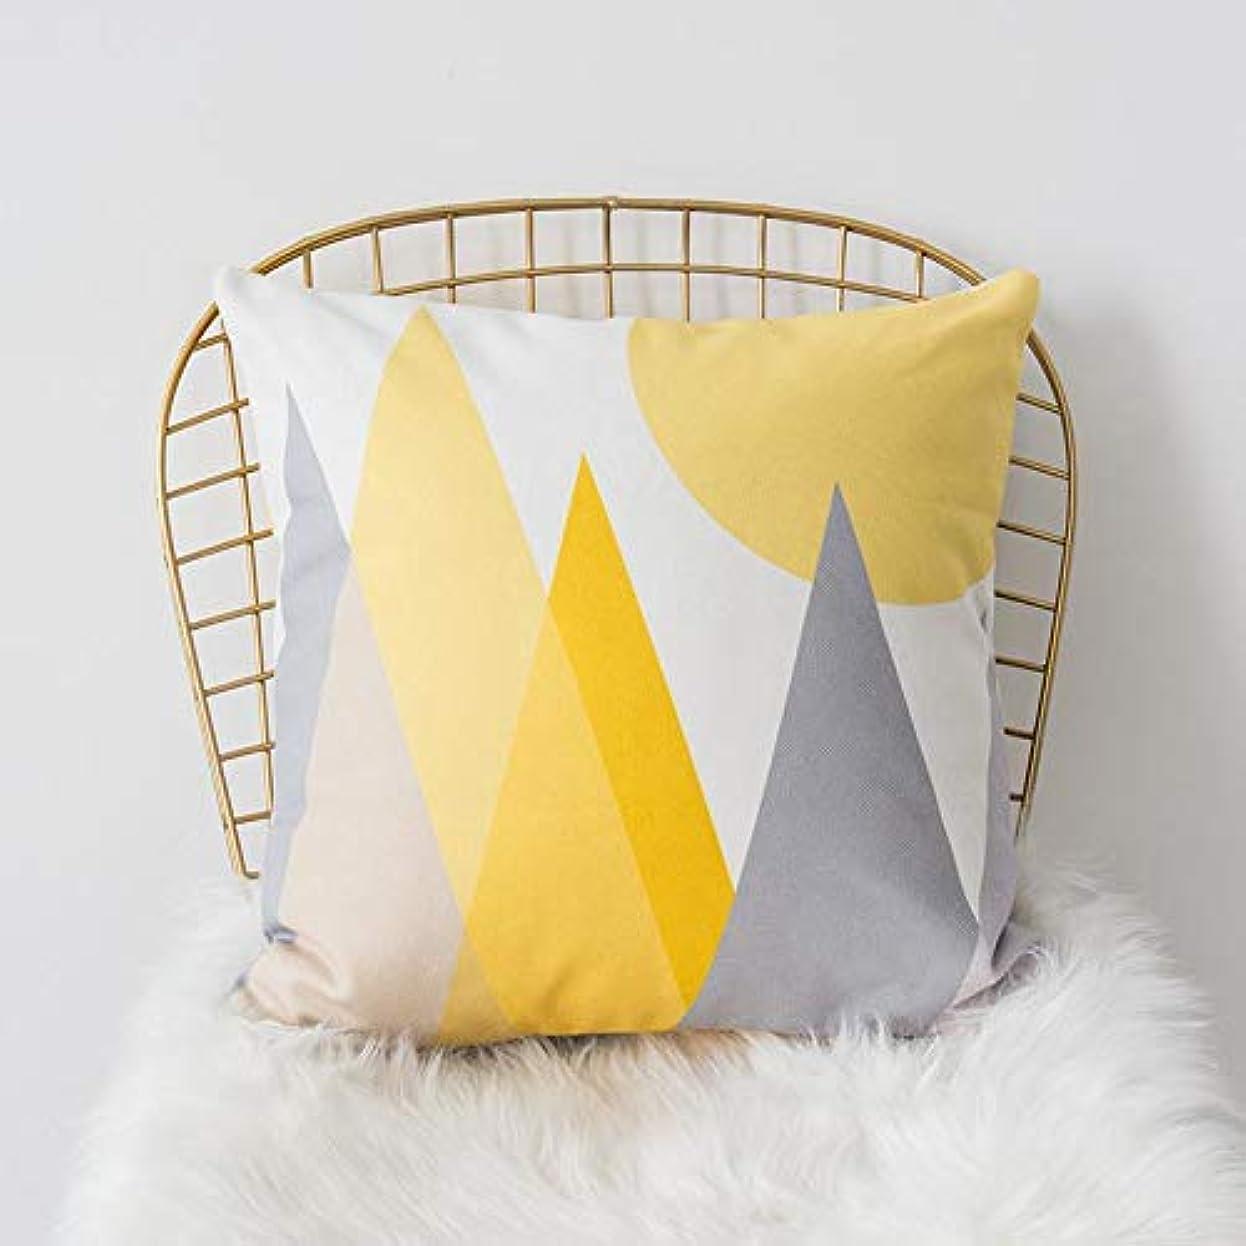 滑り台ブリリアントソースLIFE 黄色グレー枕北欧スタイル黄色ヘラジカ幾何枕リビングルームのインテリアソファクッション Cojines 装飾良質 クッション 椅子